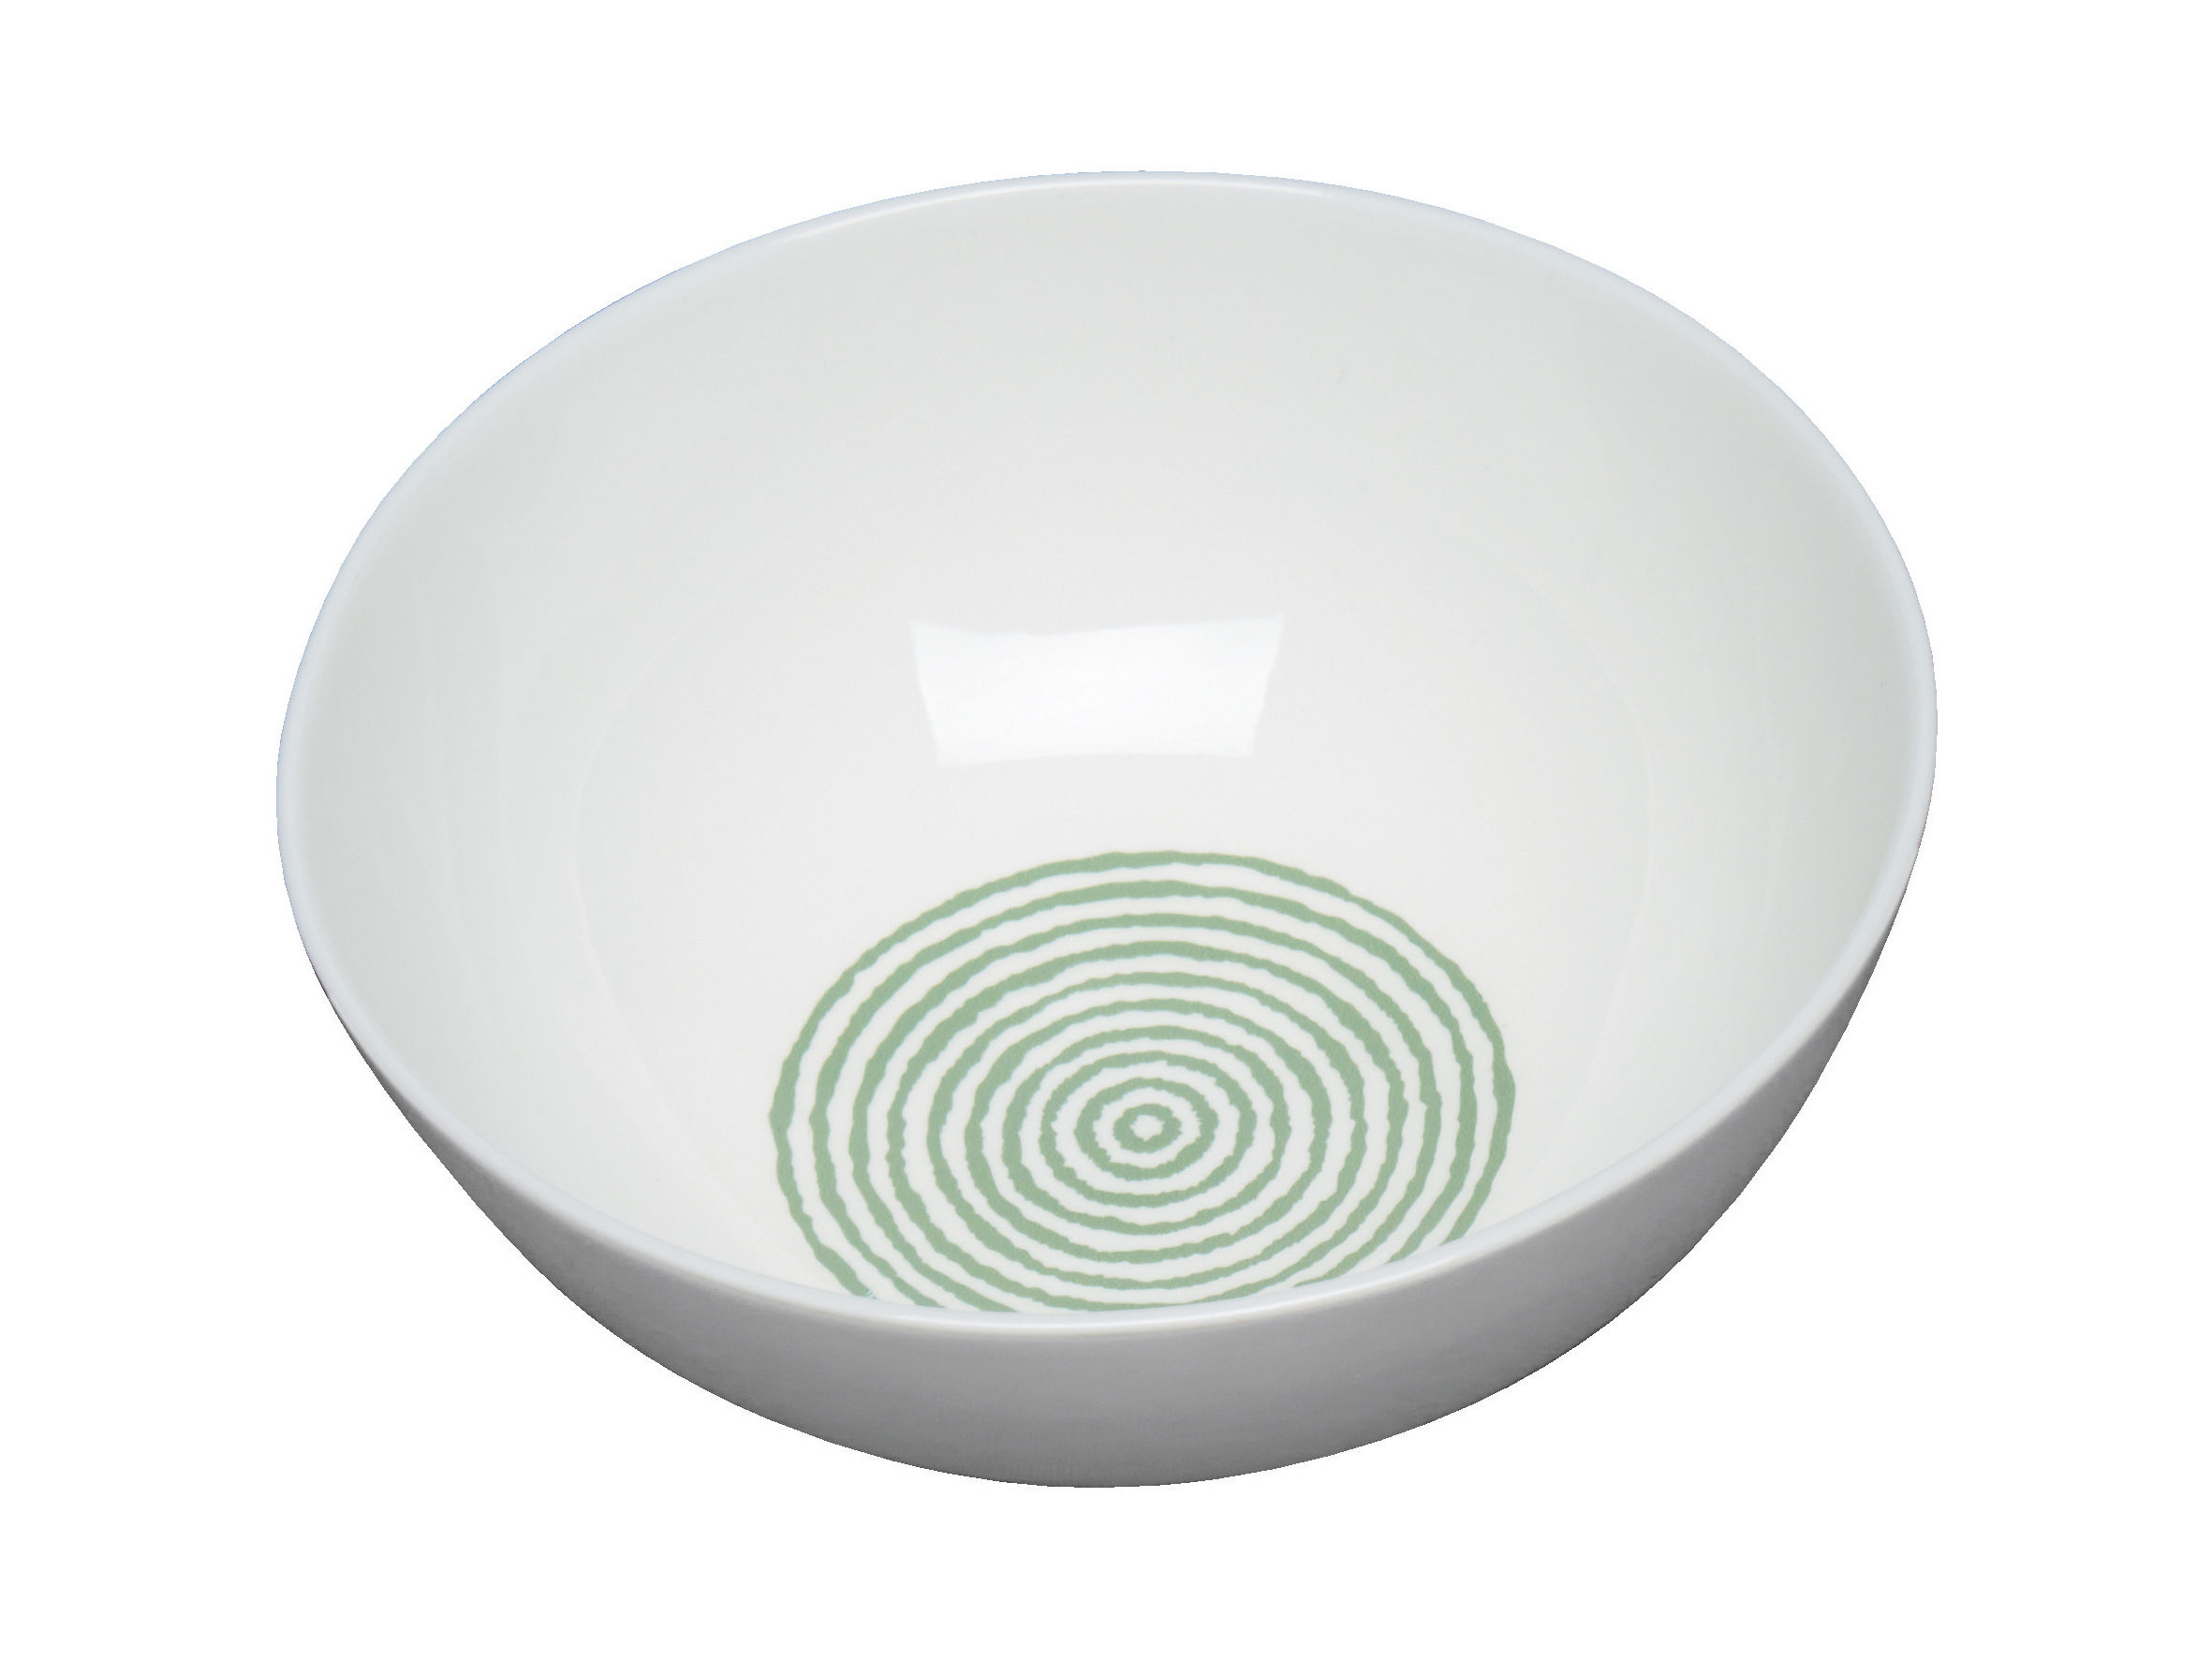 Tischkultur - Salatschüsseln und Schalen - Acquerello Schale Ø 16,5 cm - A di Alessi - Weiß & grün - chinesisches Weich-Porzellan